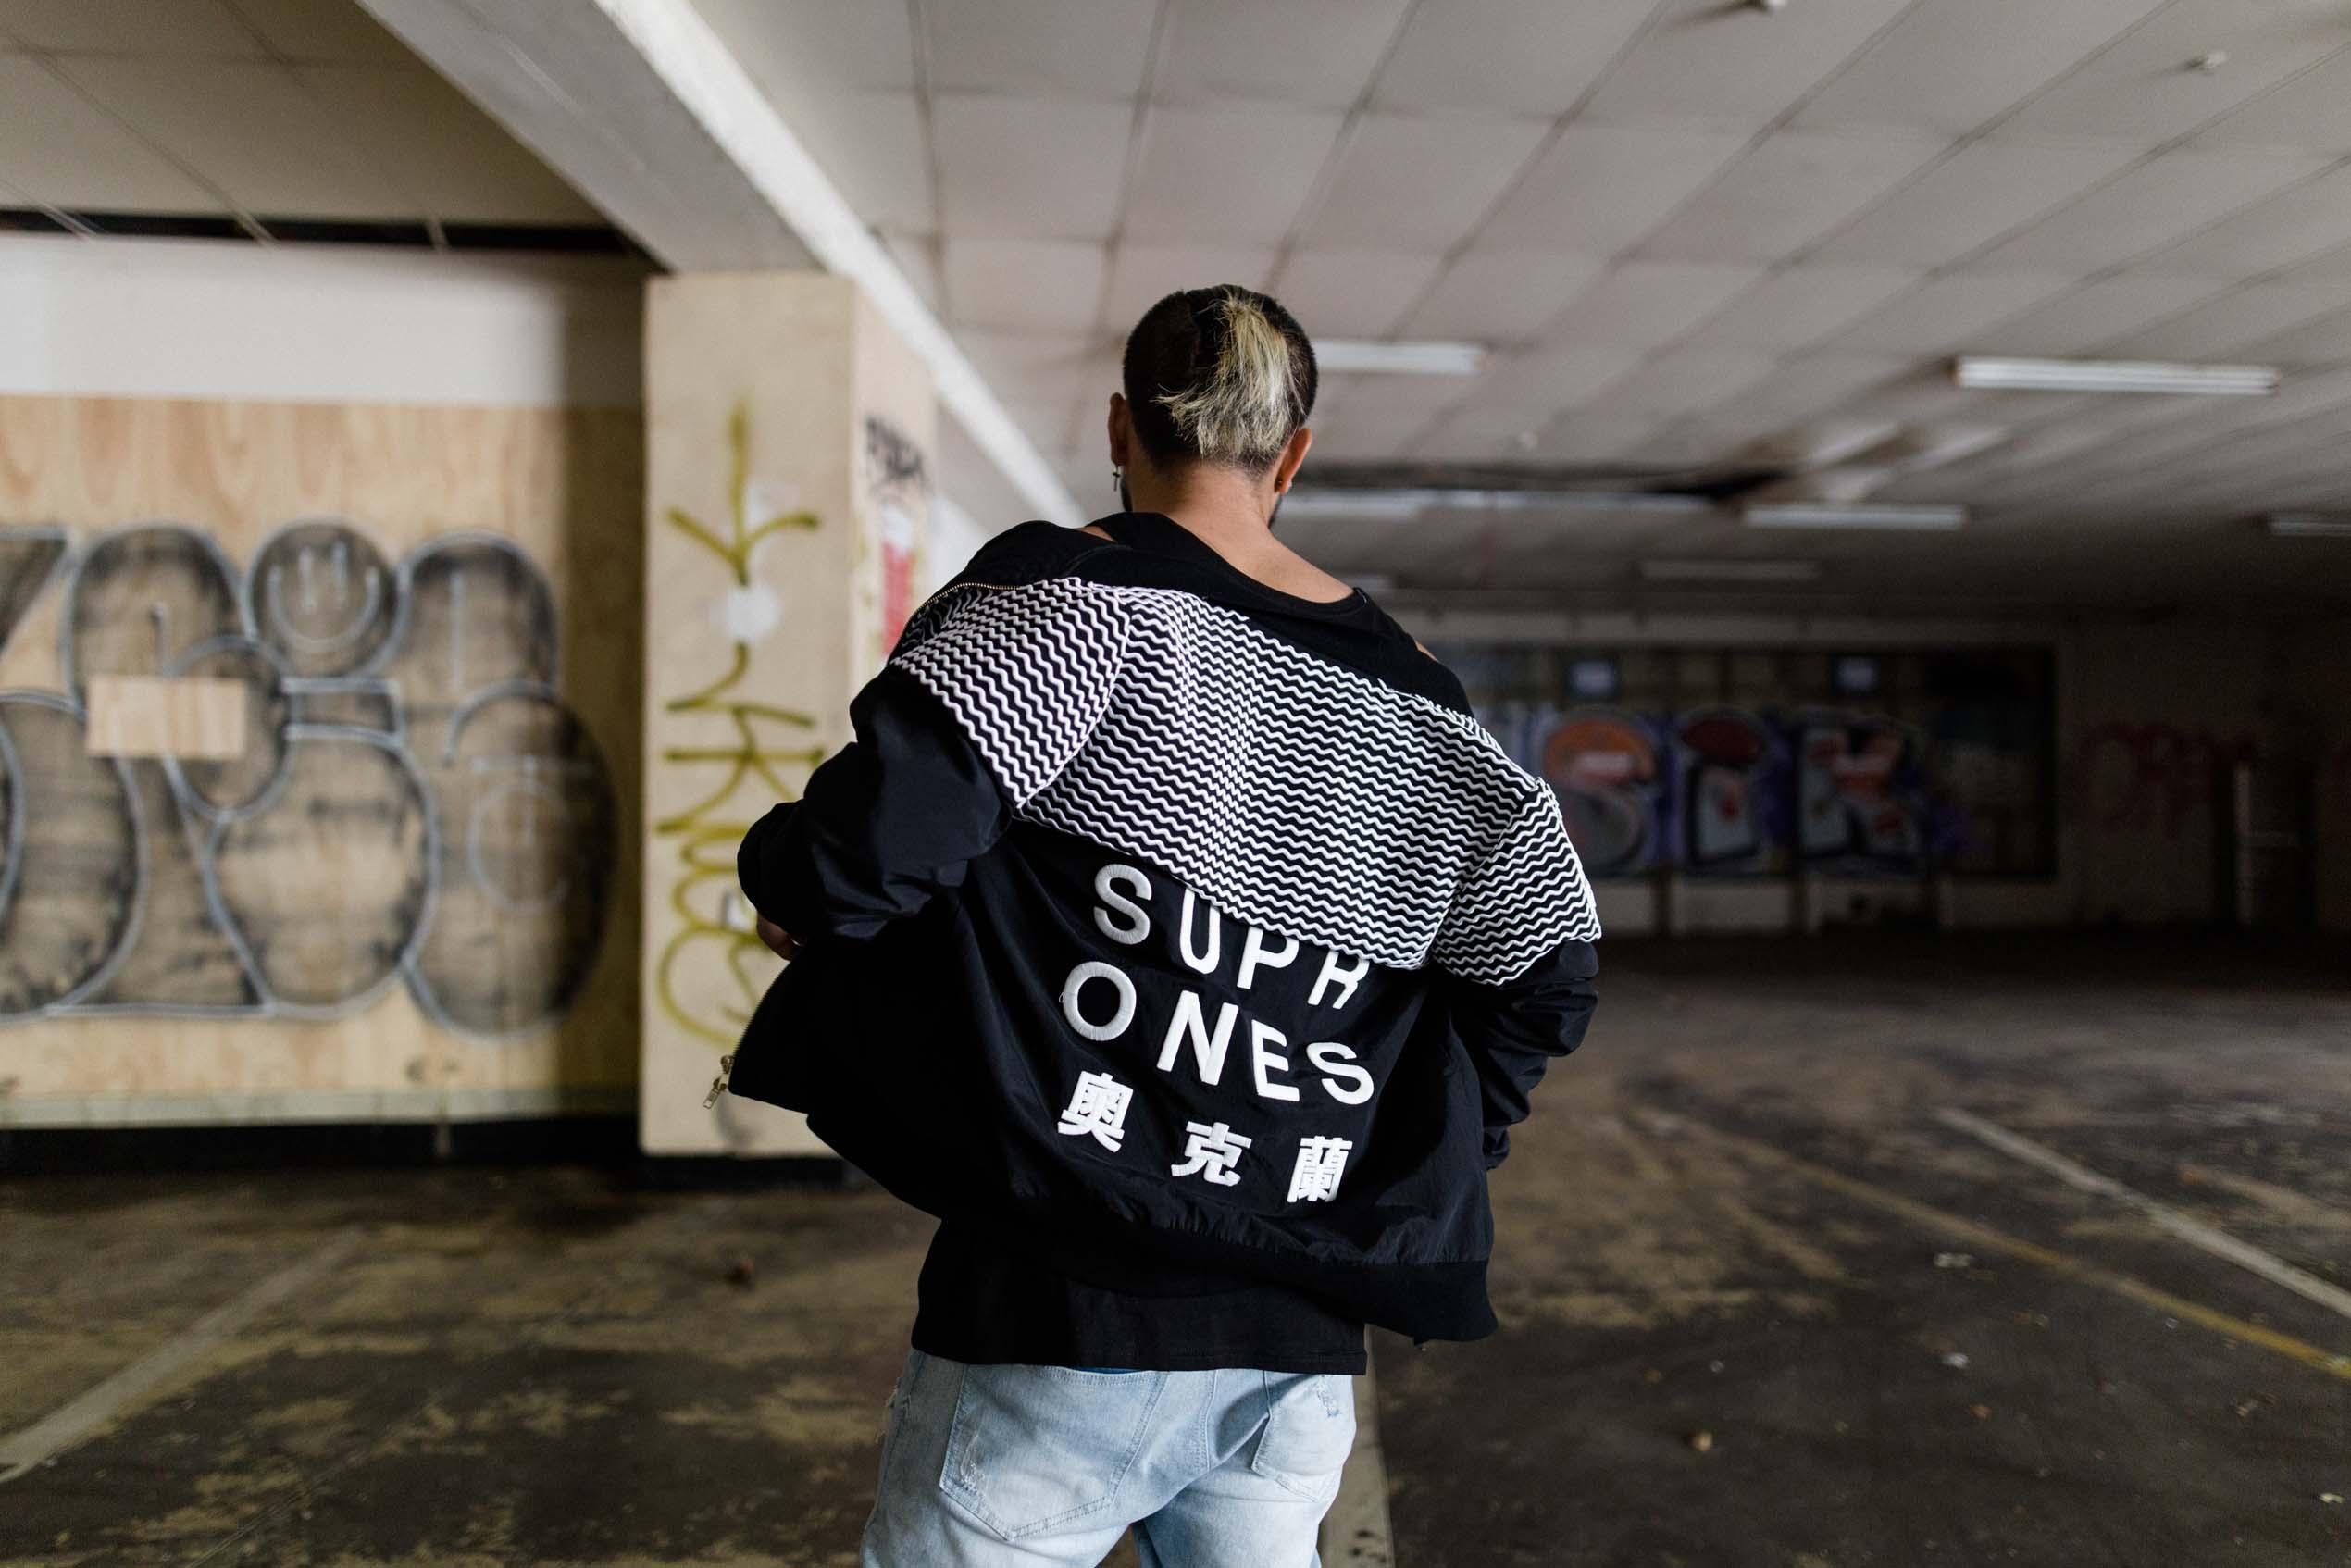 supr_ones_crest_9